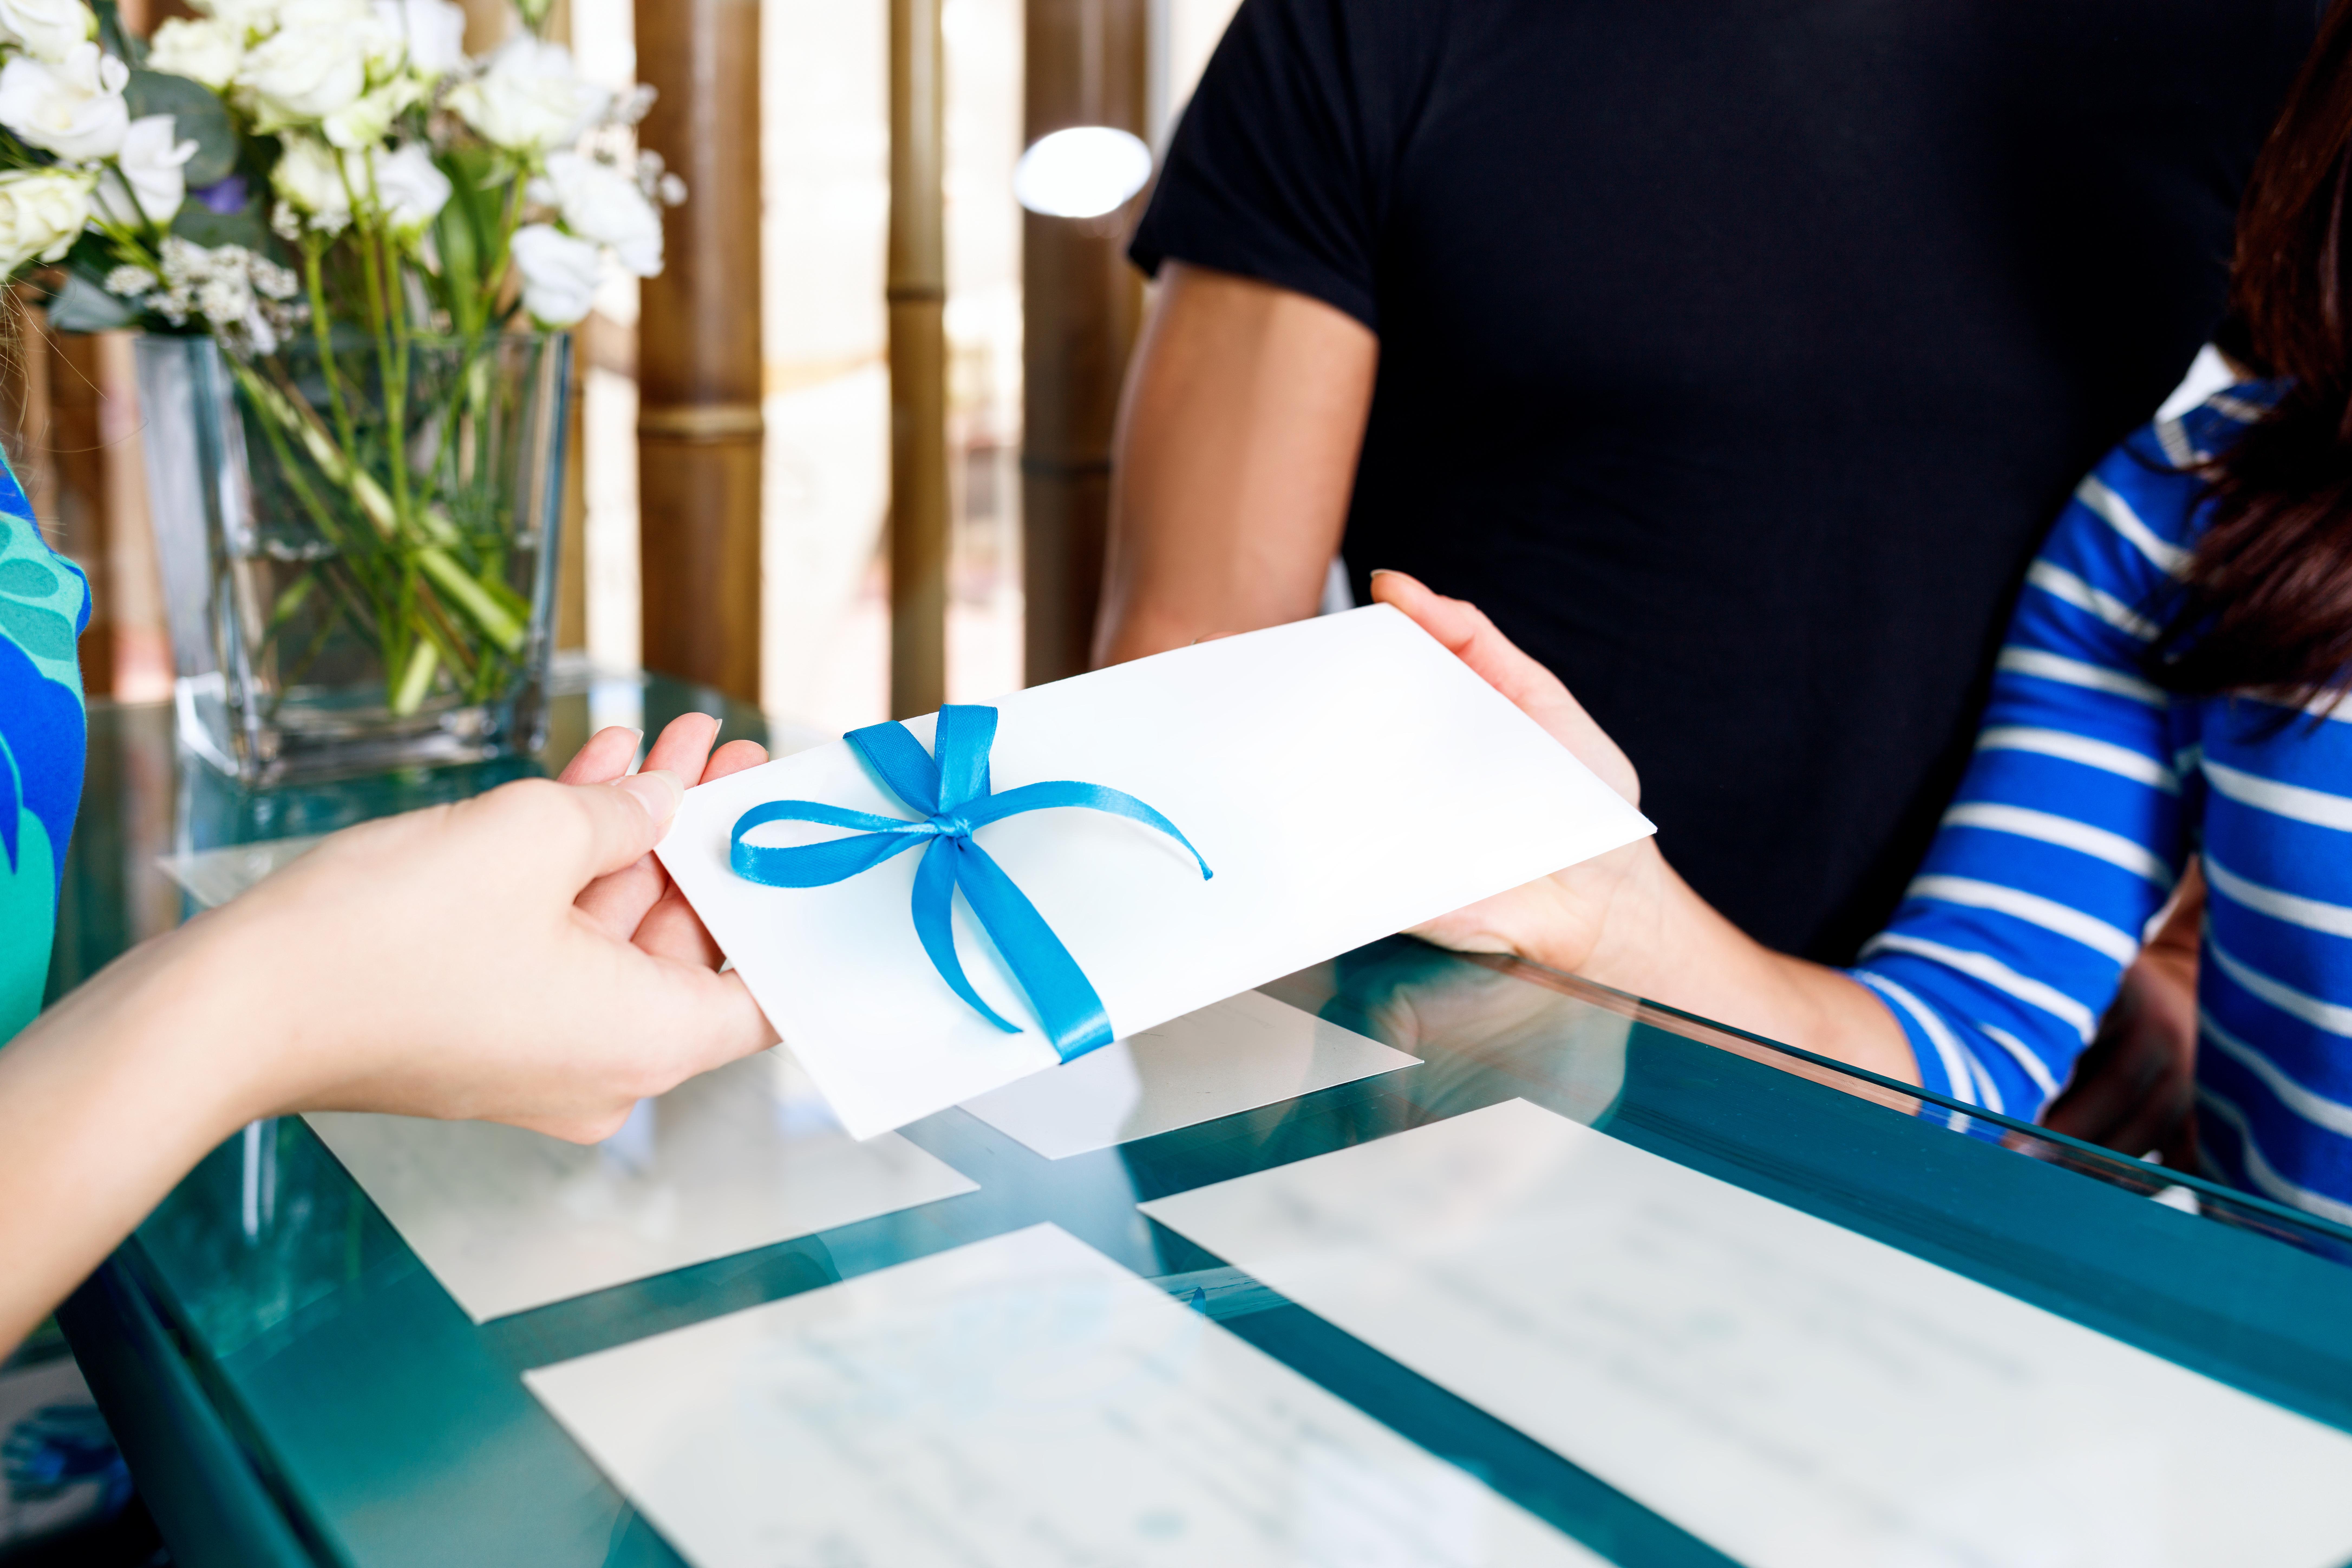 Køb gavekort hos Den Grønne Asparges